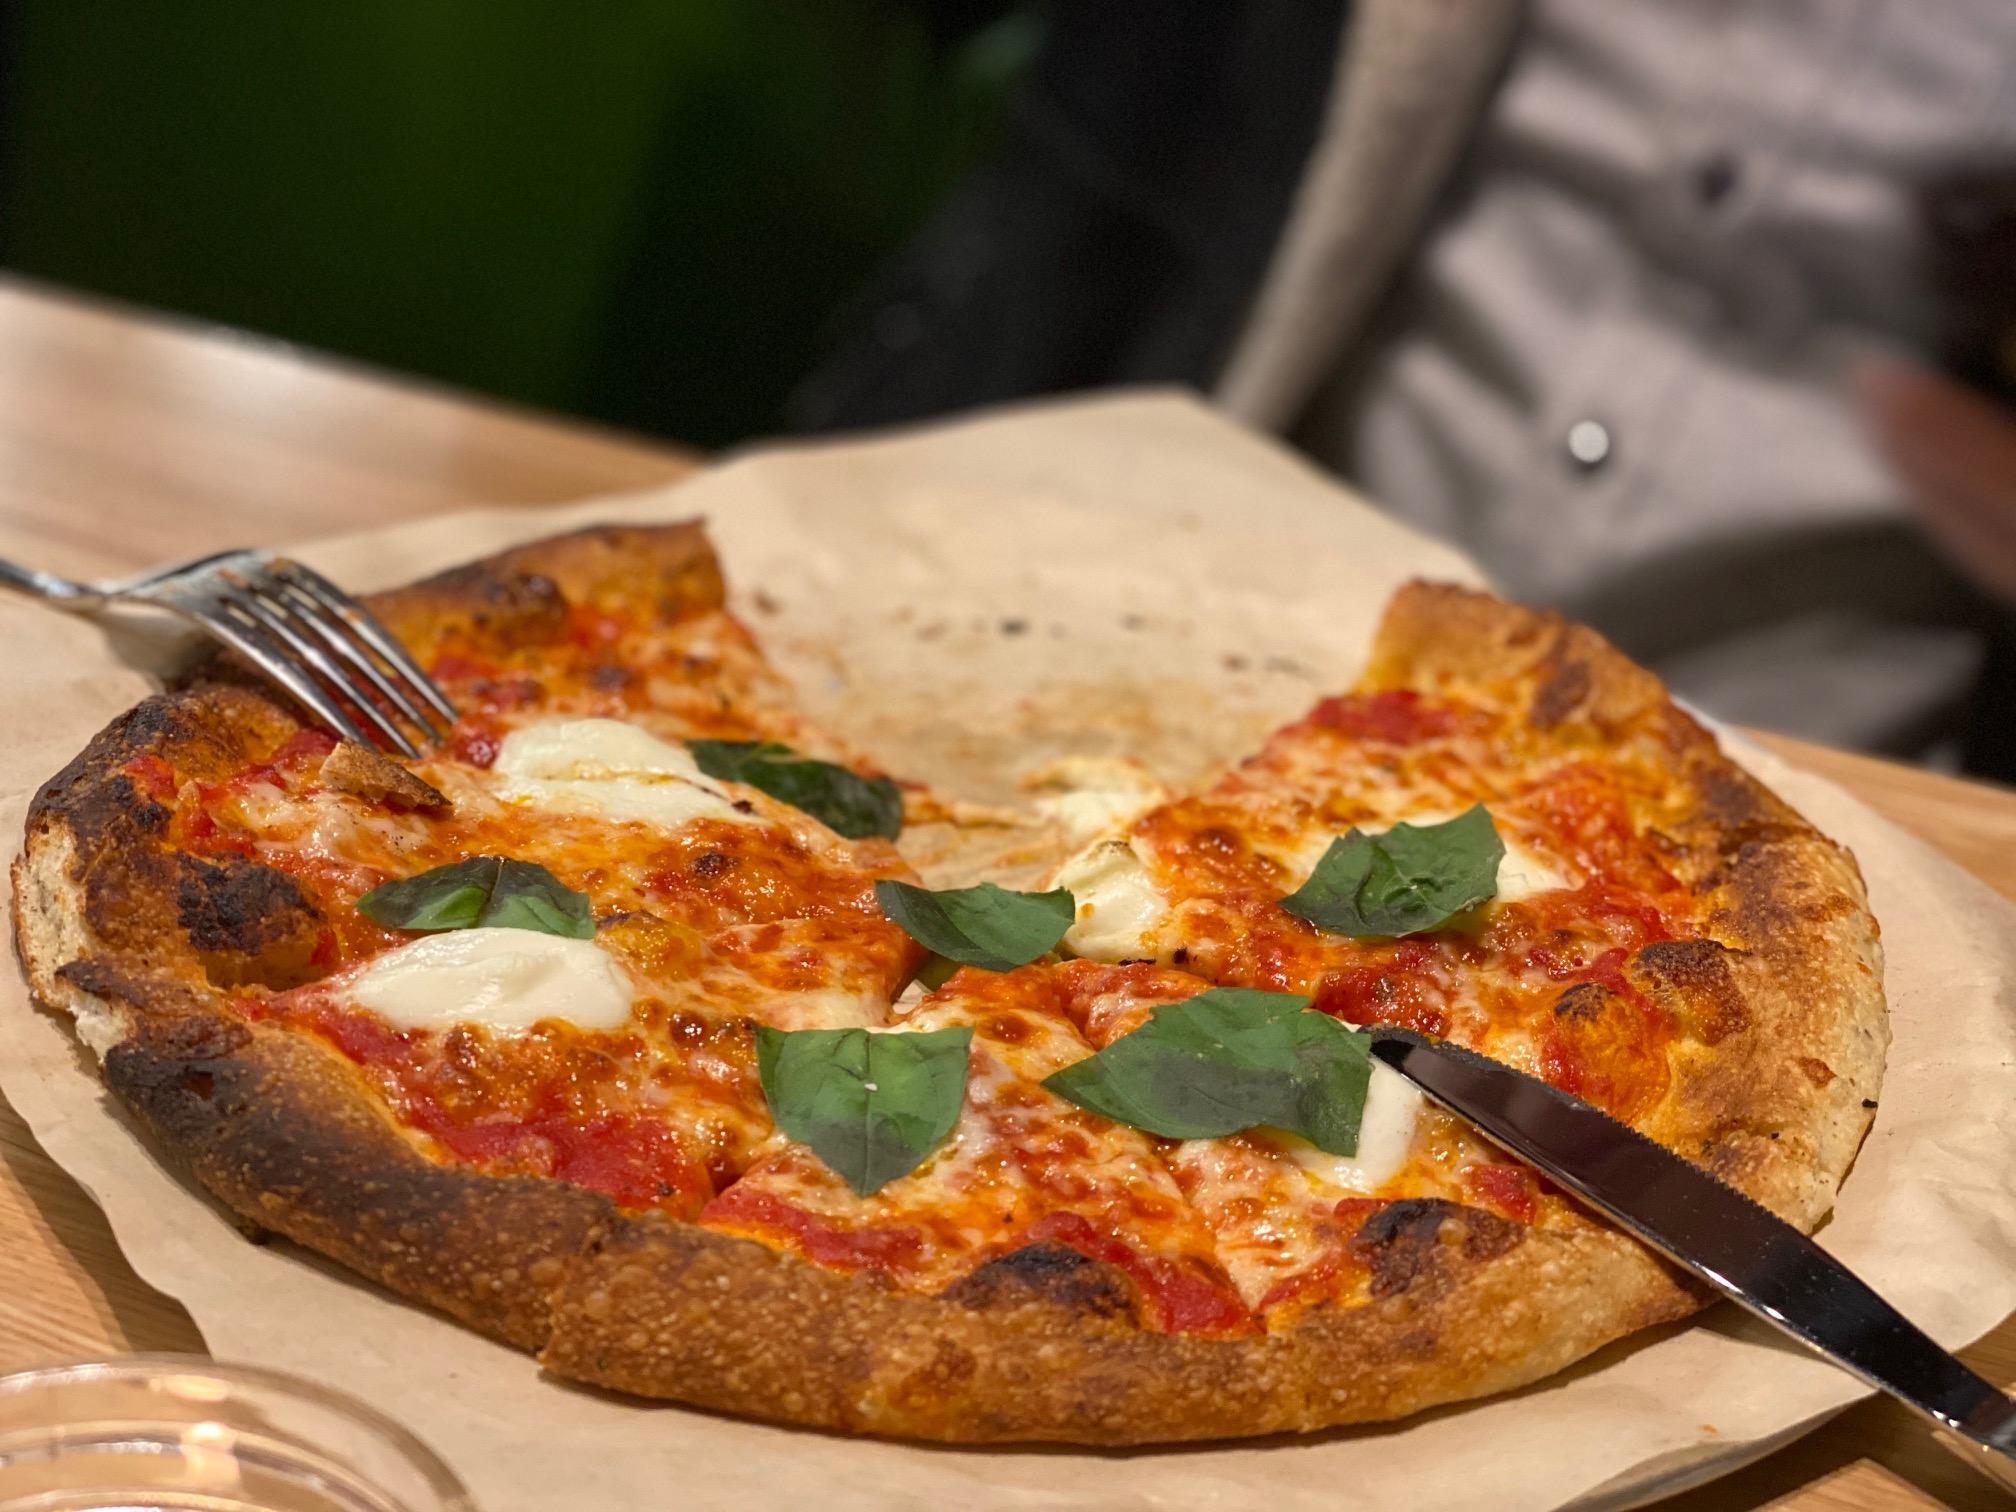 True Food Summerlin Pizza